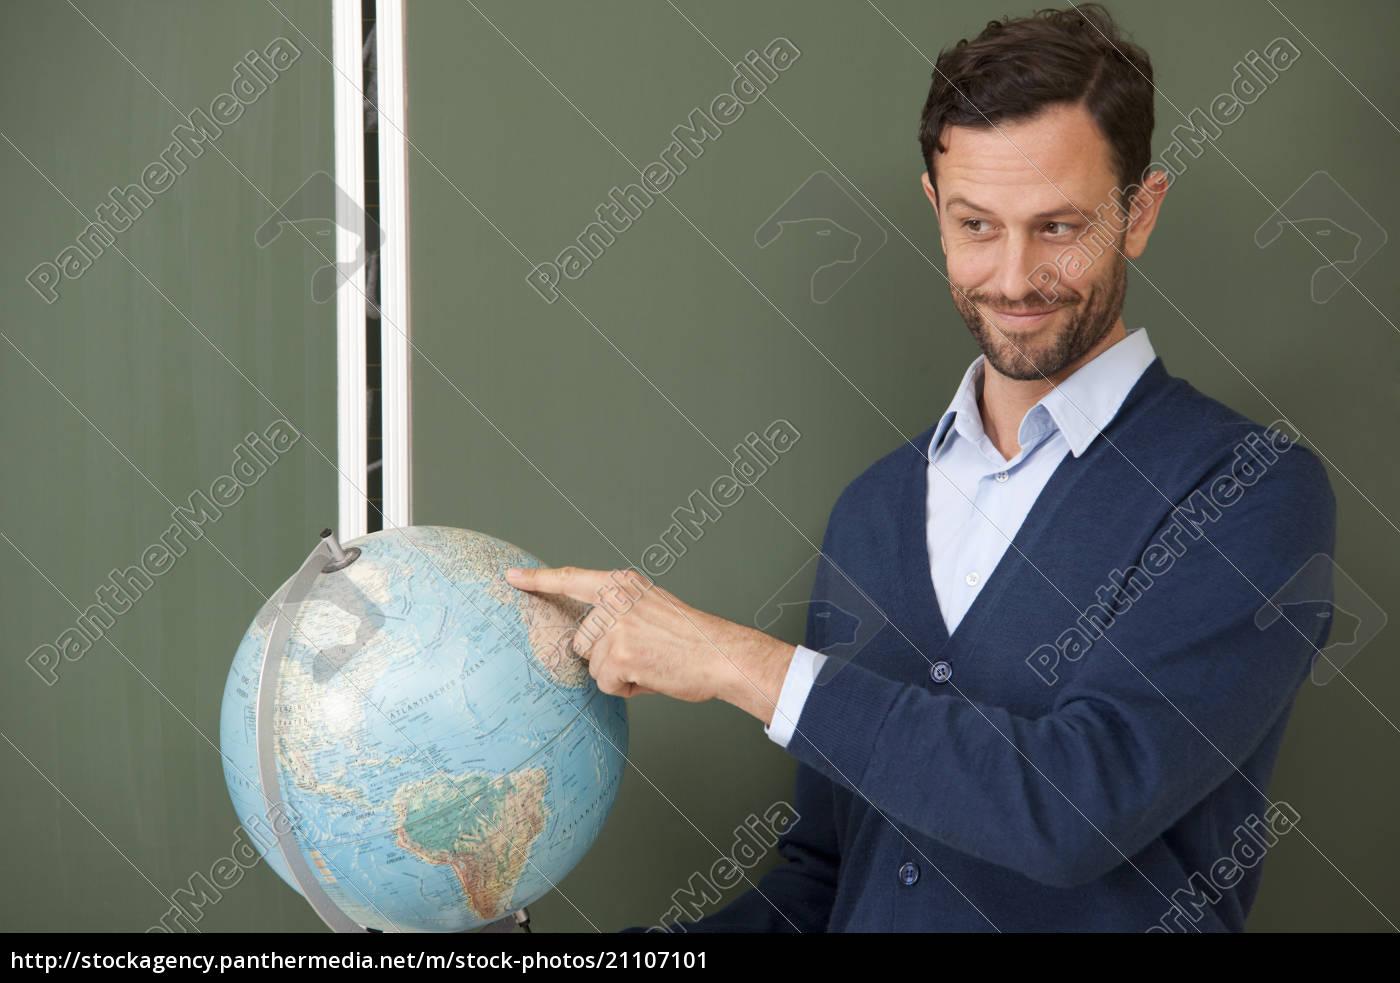 lehrer, zeigt, auf, globus, im, klassenzimmer - 21107101